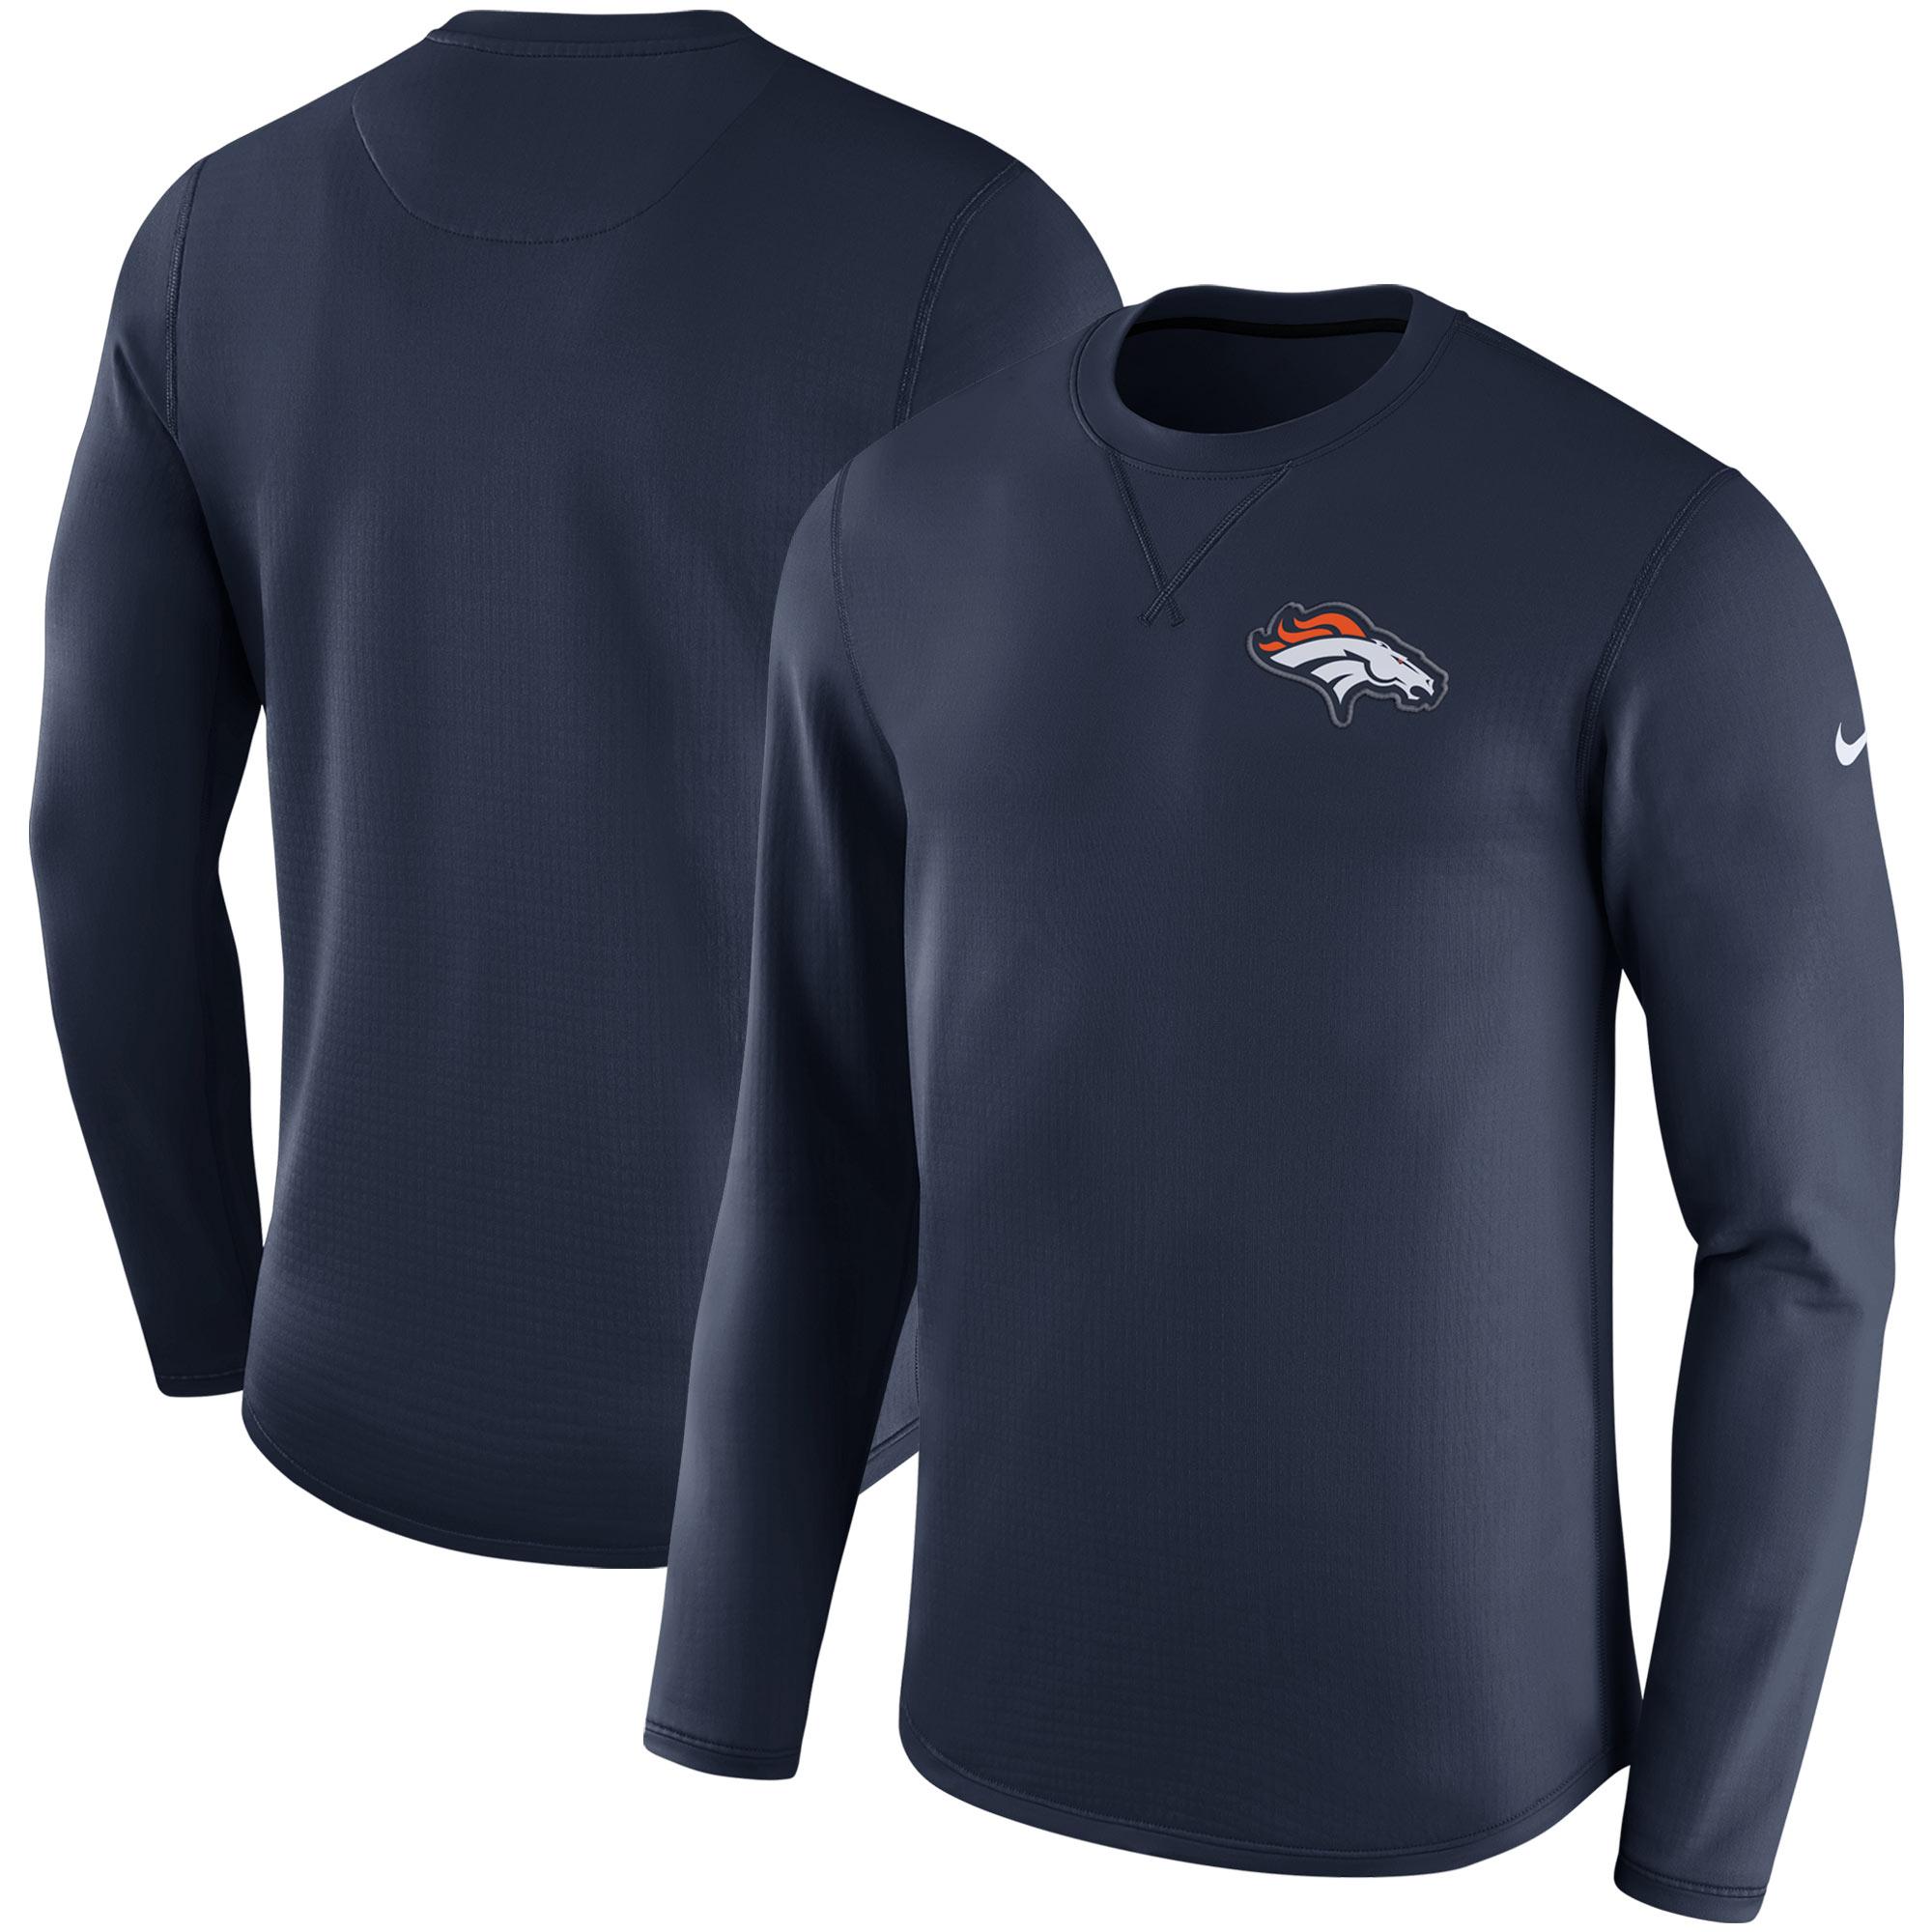 Denver Broncos Nike Sideline Modern Long Sleeve Sweatshirt - Navy